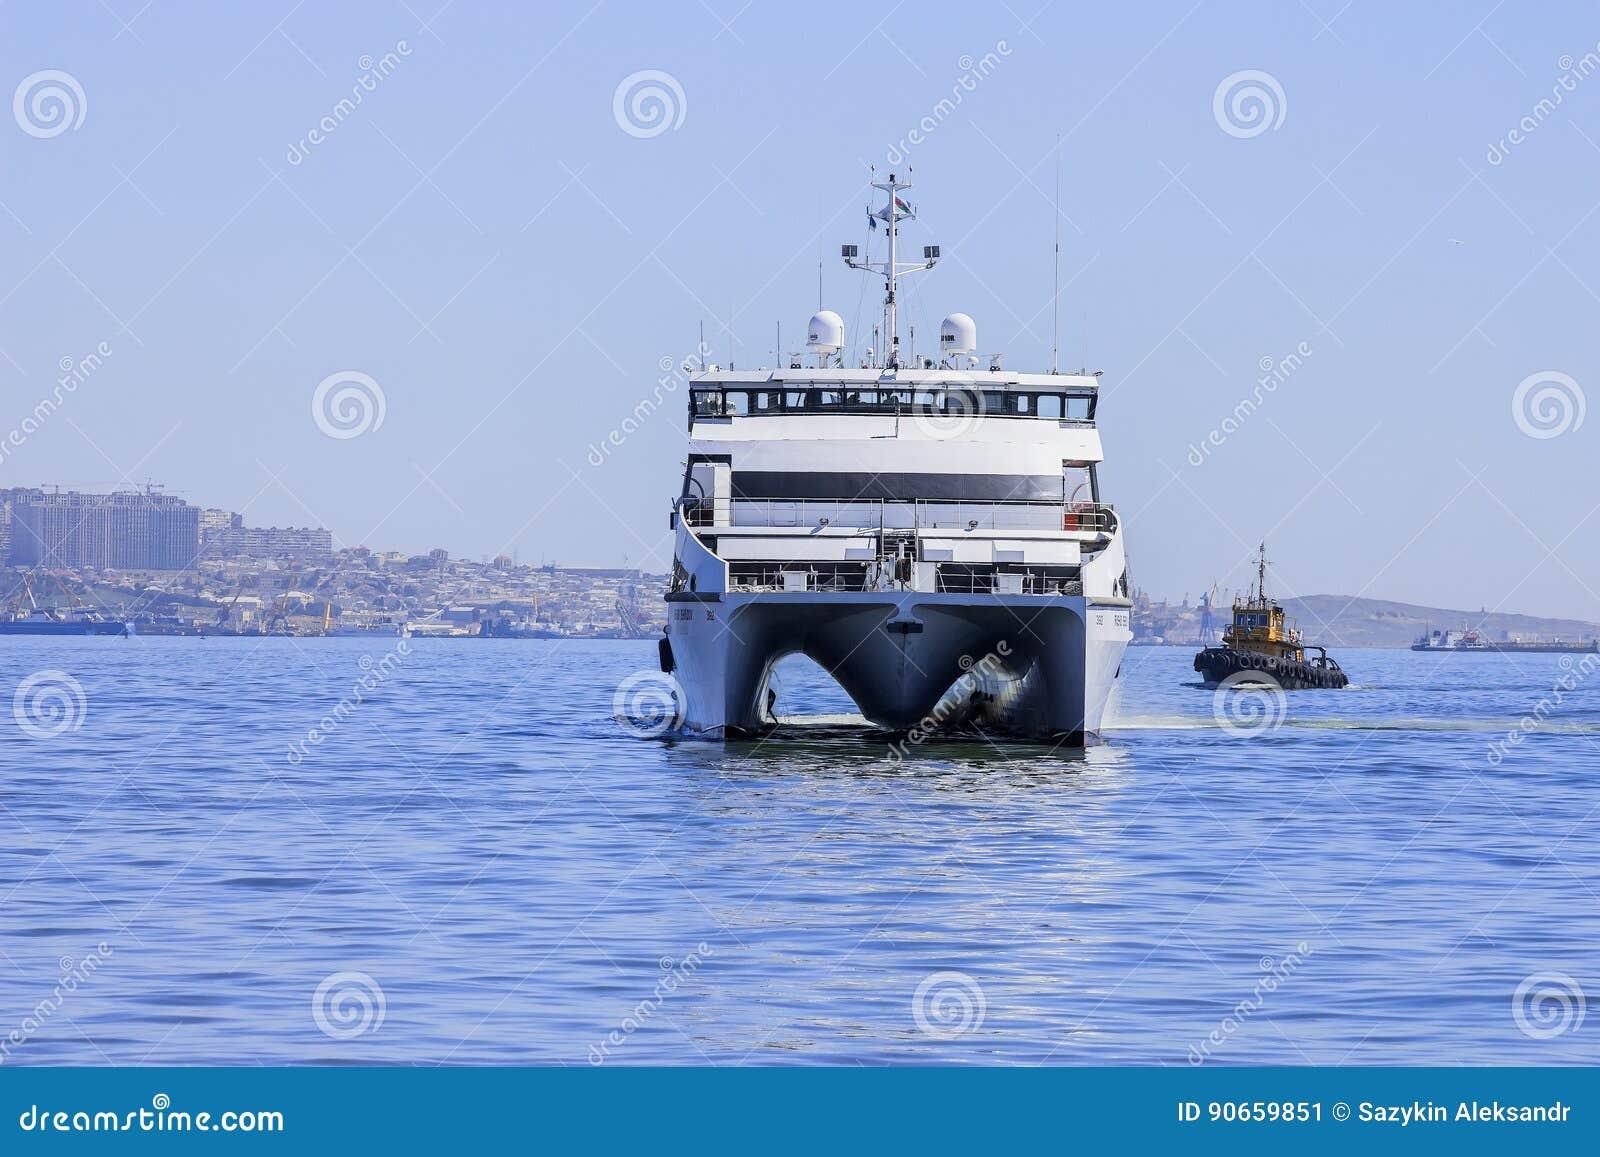 Выйдите от порта Баку в ` Behbudov reshid ` сосуда Каспийского моря, республике Азербайджана, 29-ое марта 2017